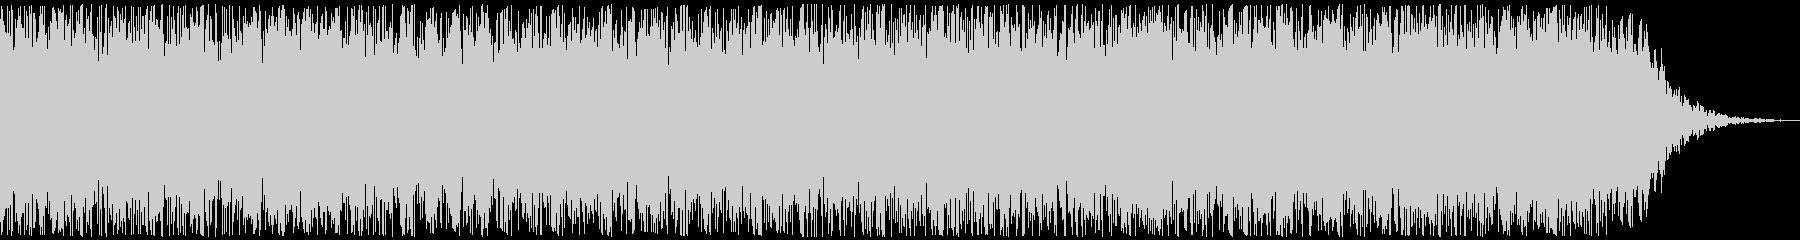 壮大な予告、オーケストラCM、30秒の未再生の波形